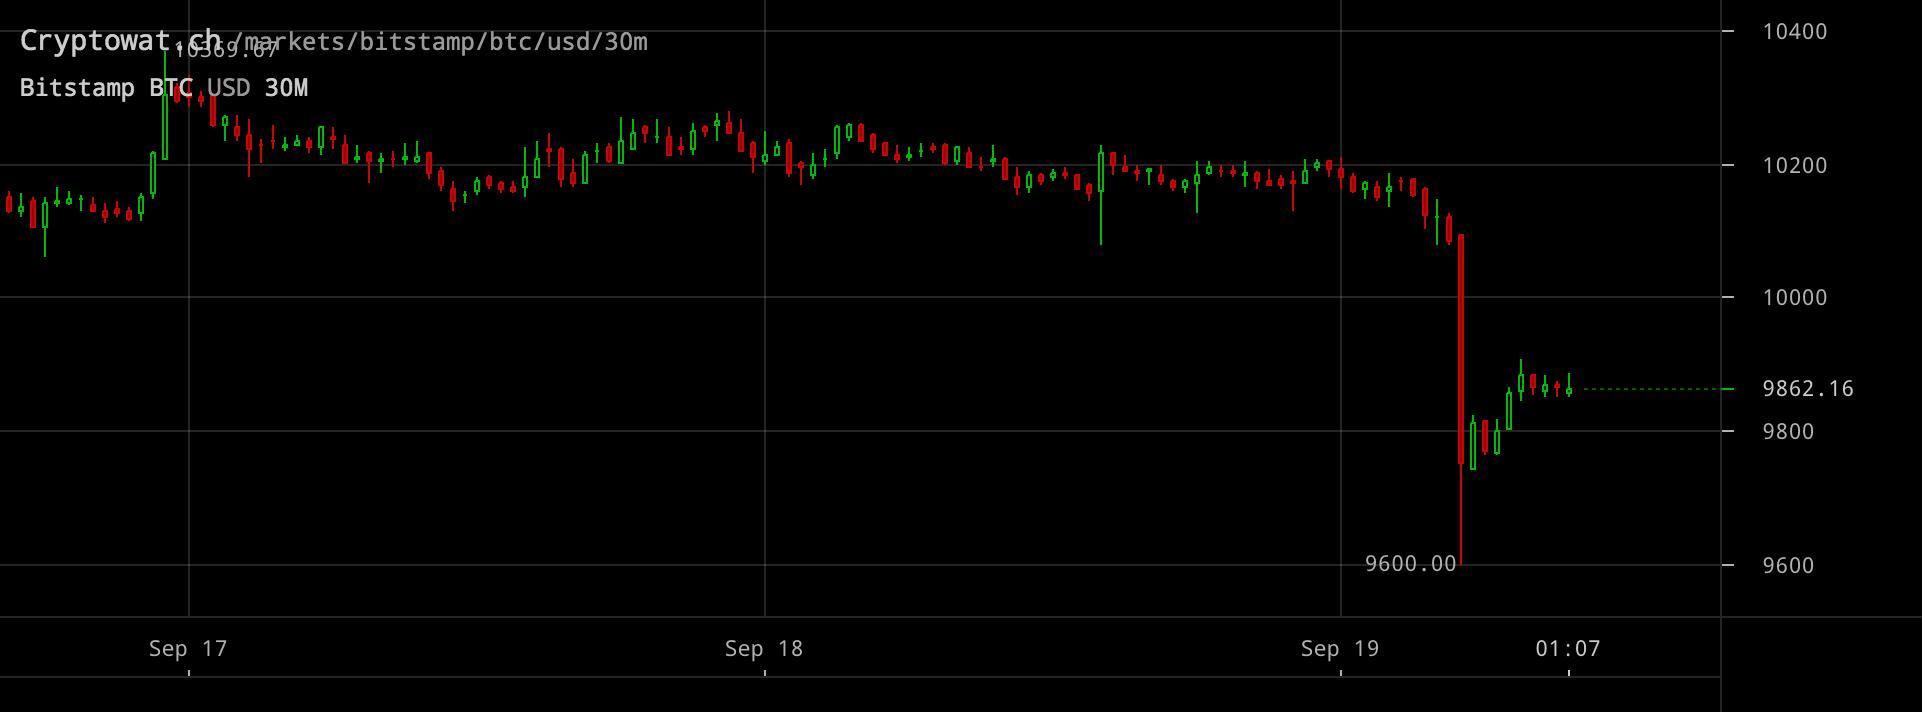 Bitcoinpriset föll 600 dollar på bara några minuter.